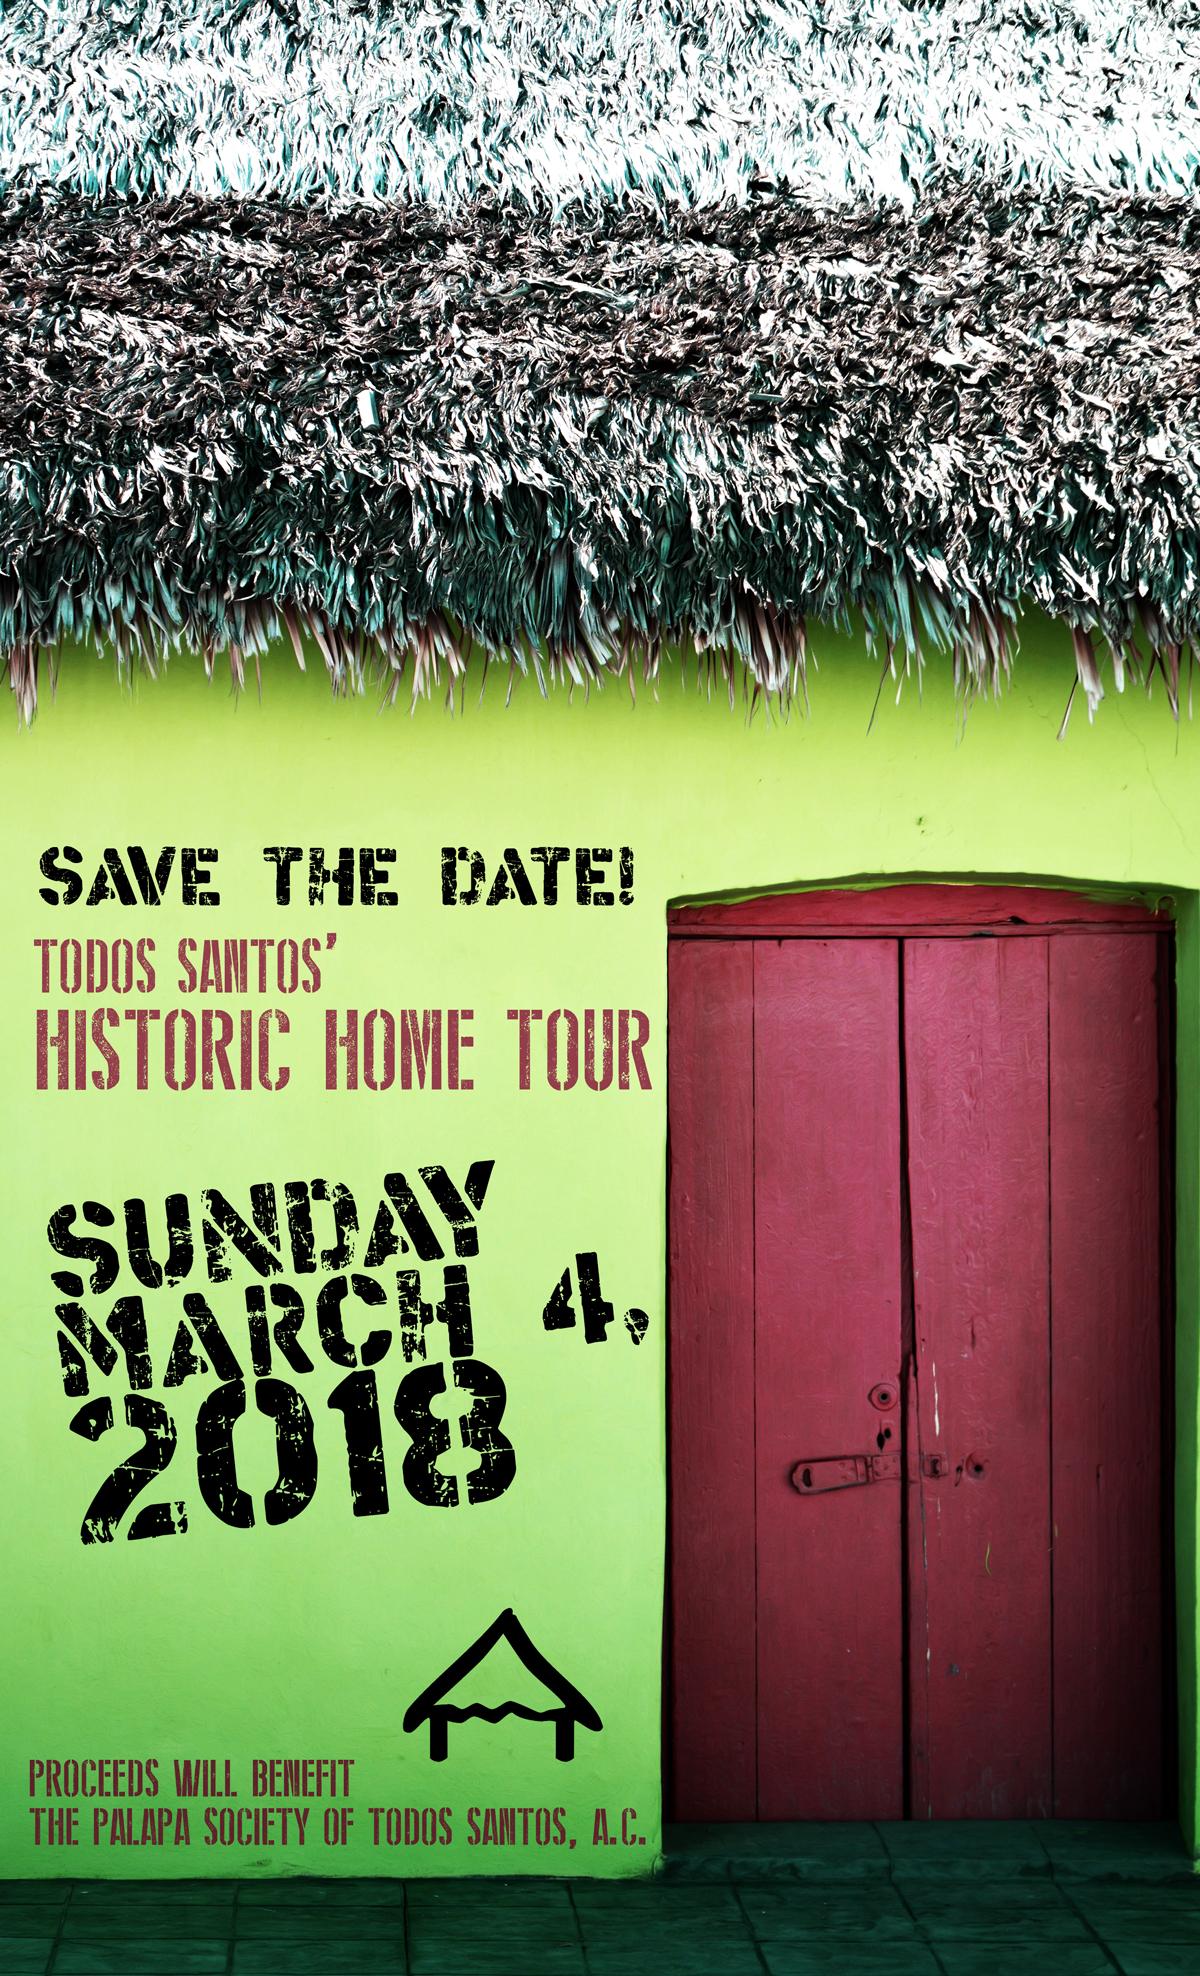 Todos Santos Historic Home Tour – Sunday, March 4, 2018